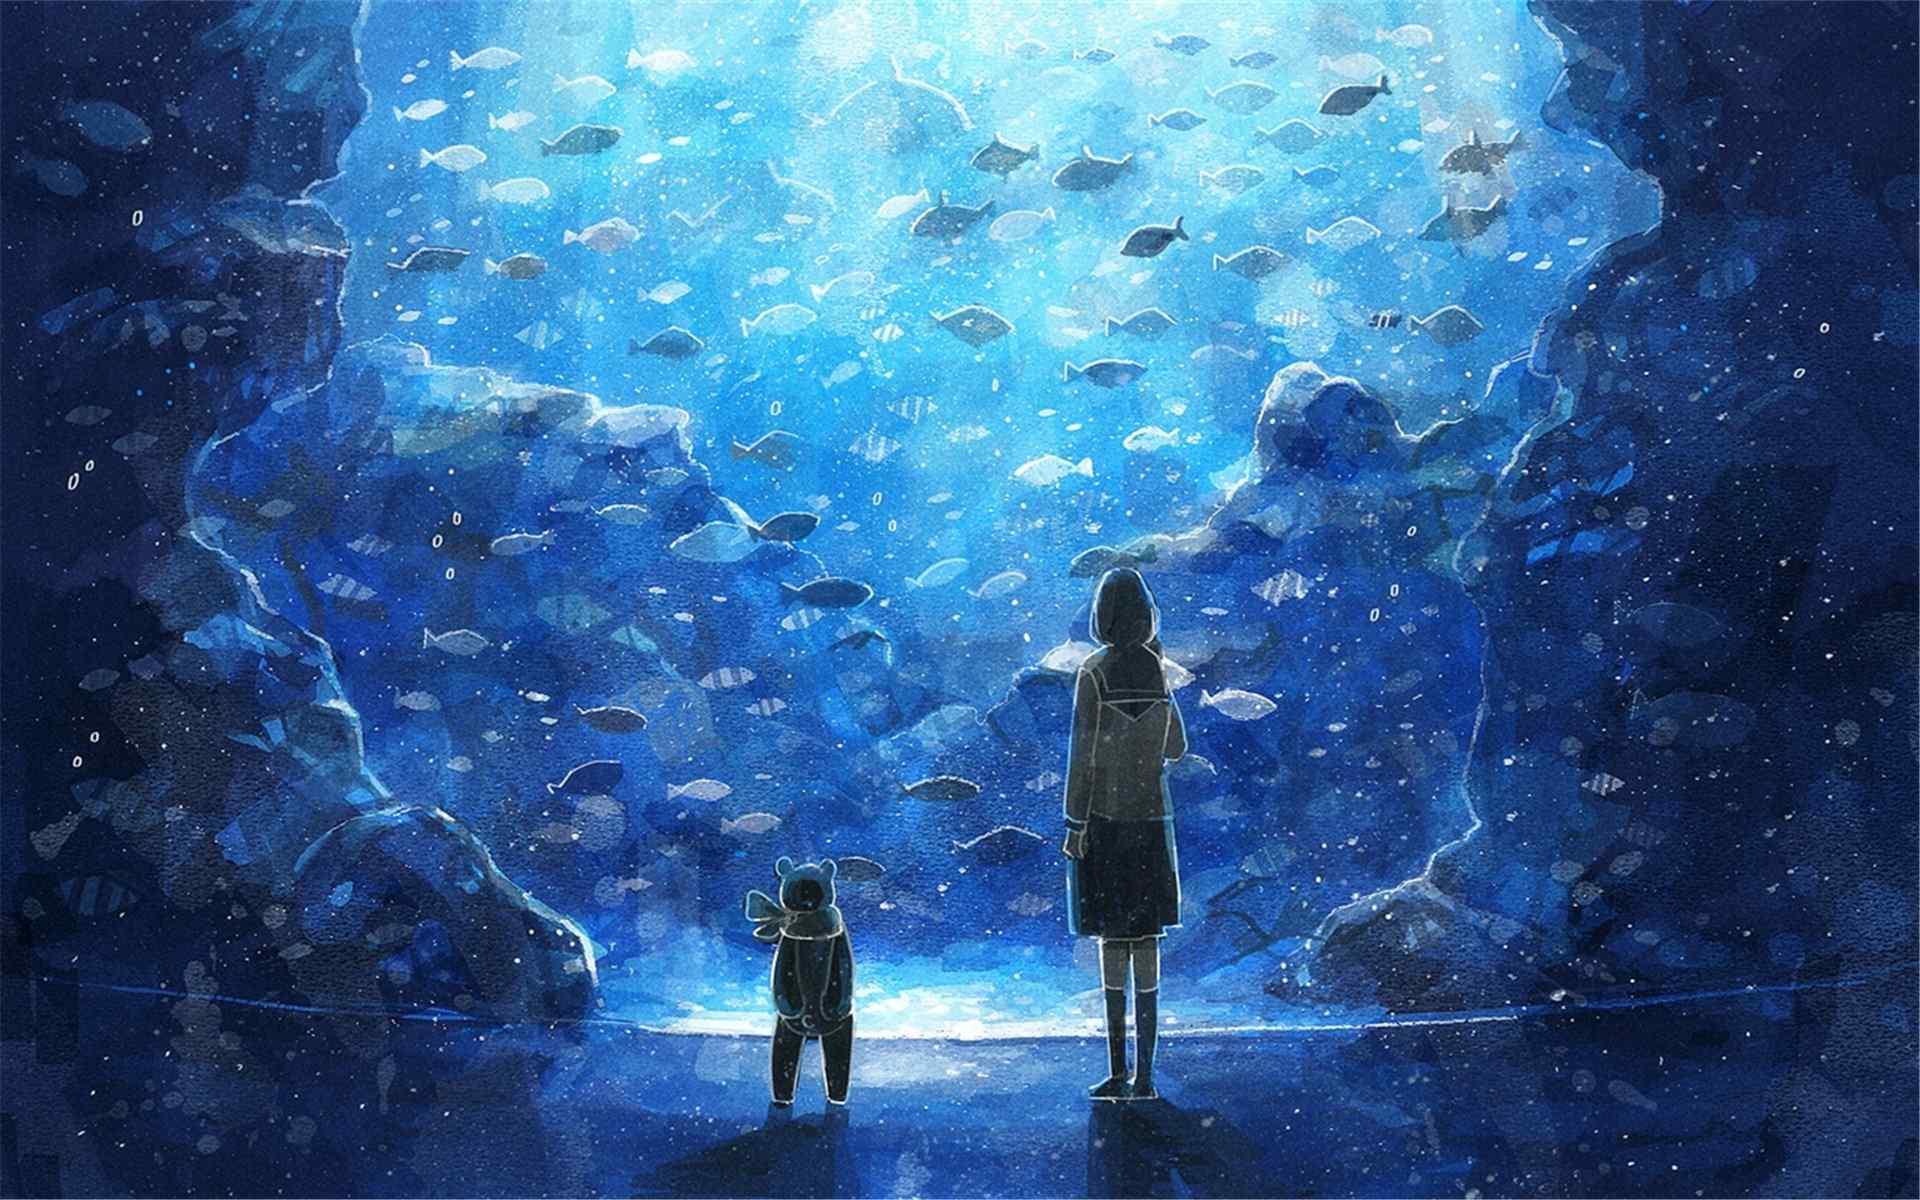 蓝色水族馆女孩与熊唯美意境动漫电脑桌面壁纸